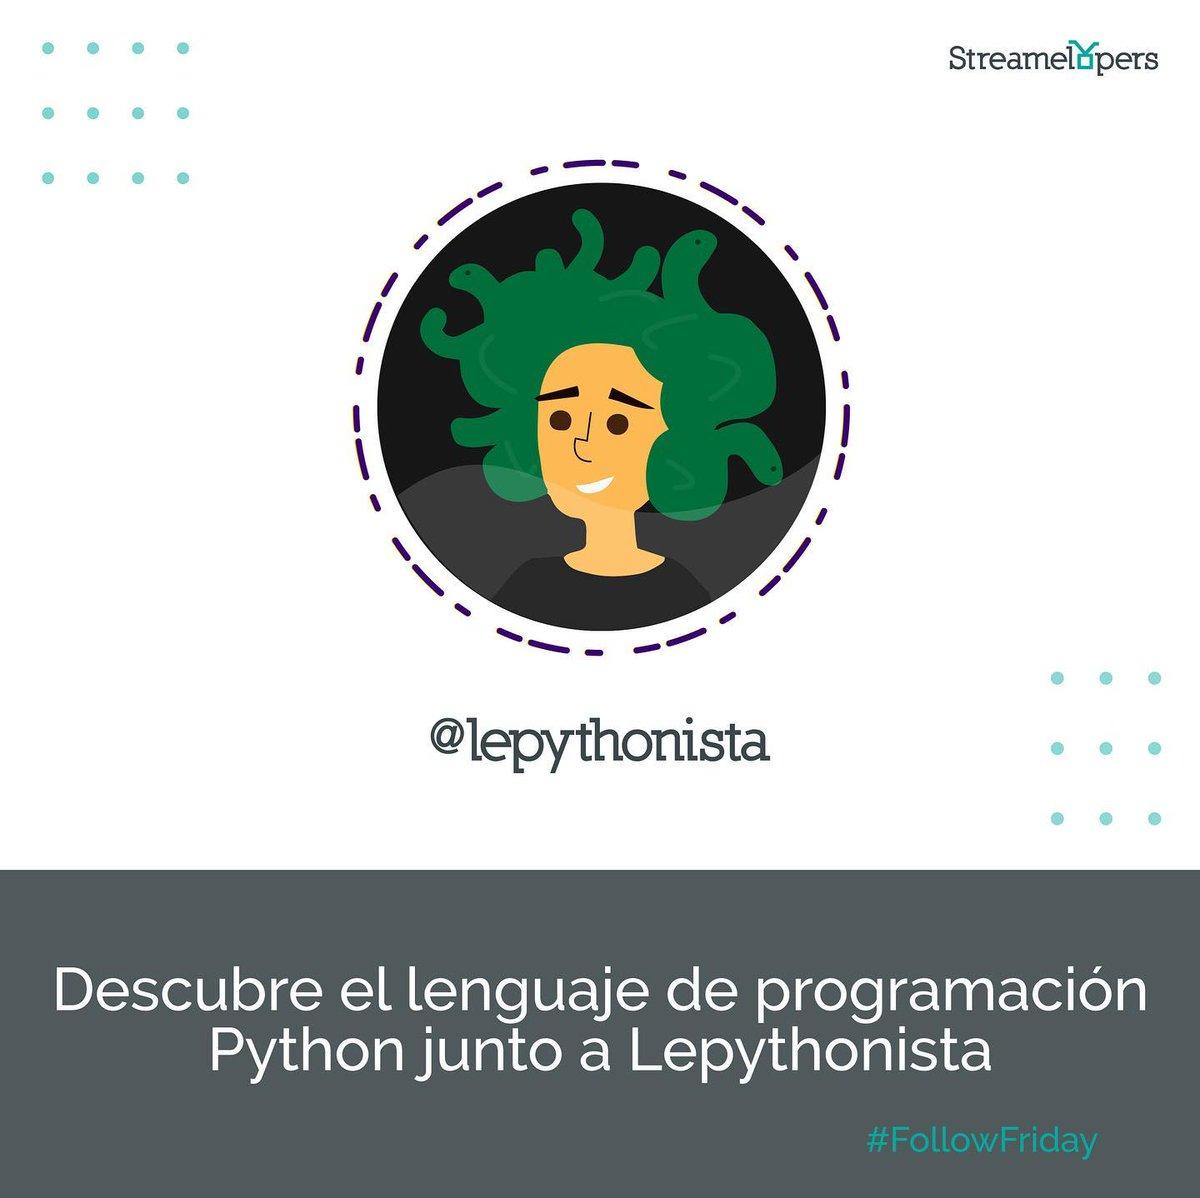 ¡Aprender un nuevo idioma es emocionante y, a veces, frustrante! Acompaña a @lepythonista en su camino como python developer. #followfriday #programmerlife #follow #python #programacion #programmers #pythonlearning #pythonprogramming #pythoncode http://dlvr.it/RbM17rpic.twitter.com/bJKzBsr9BG